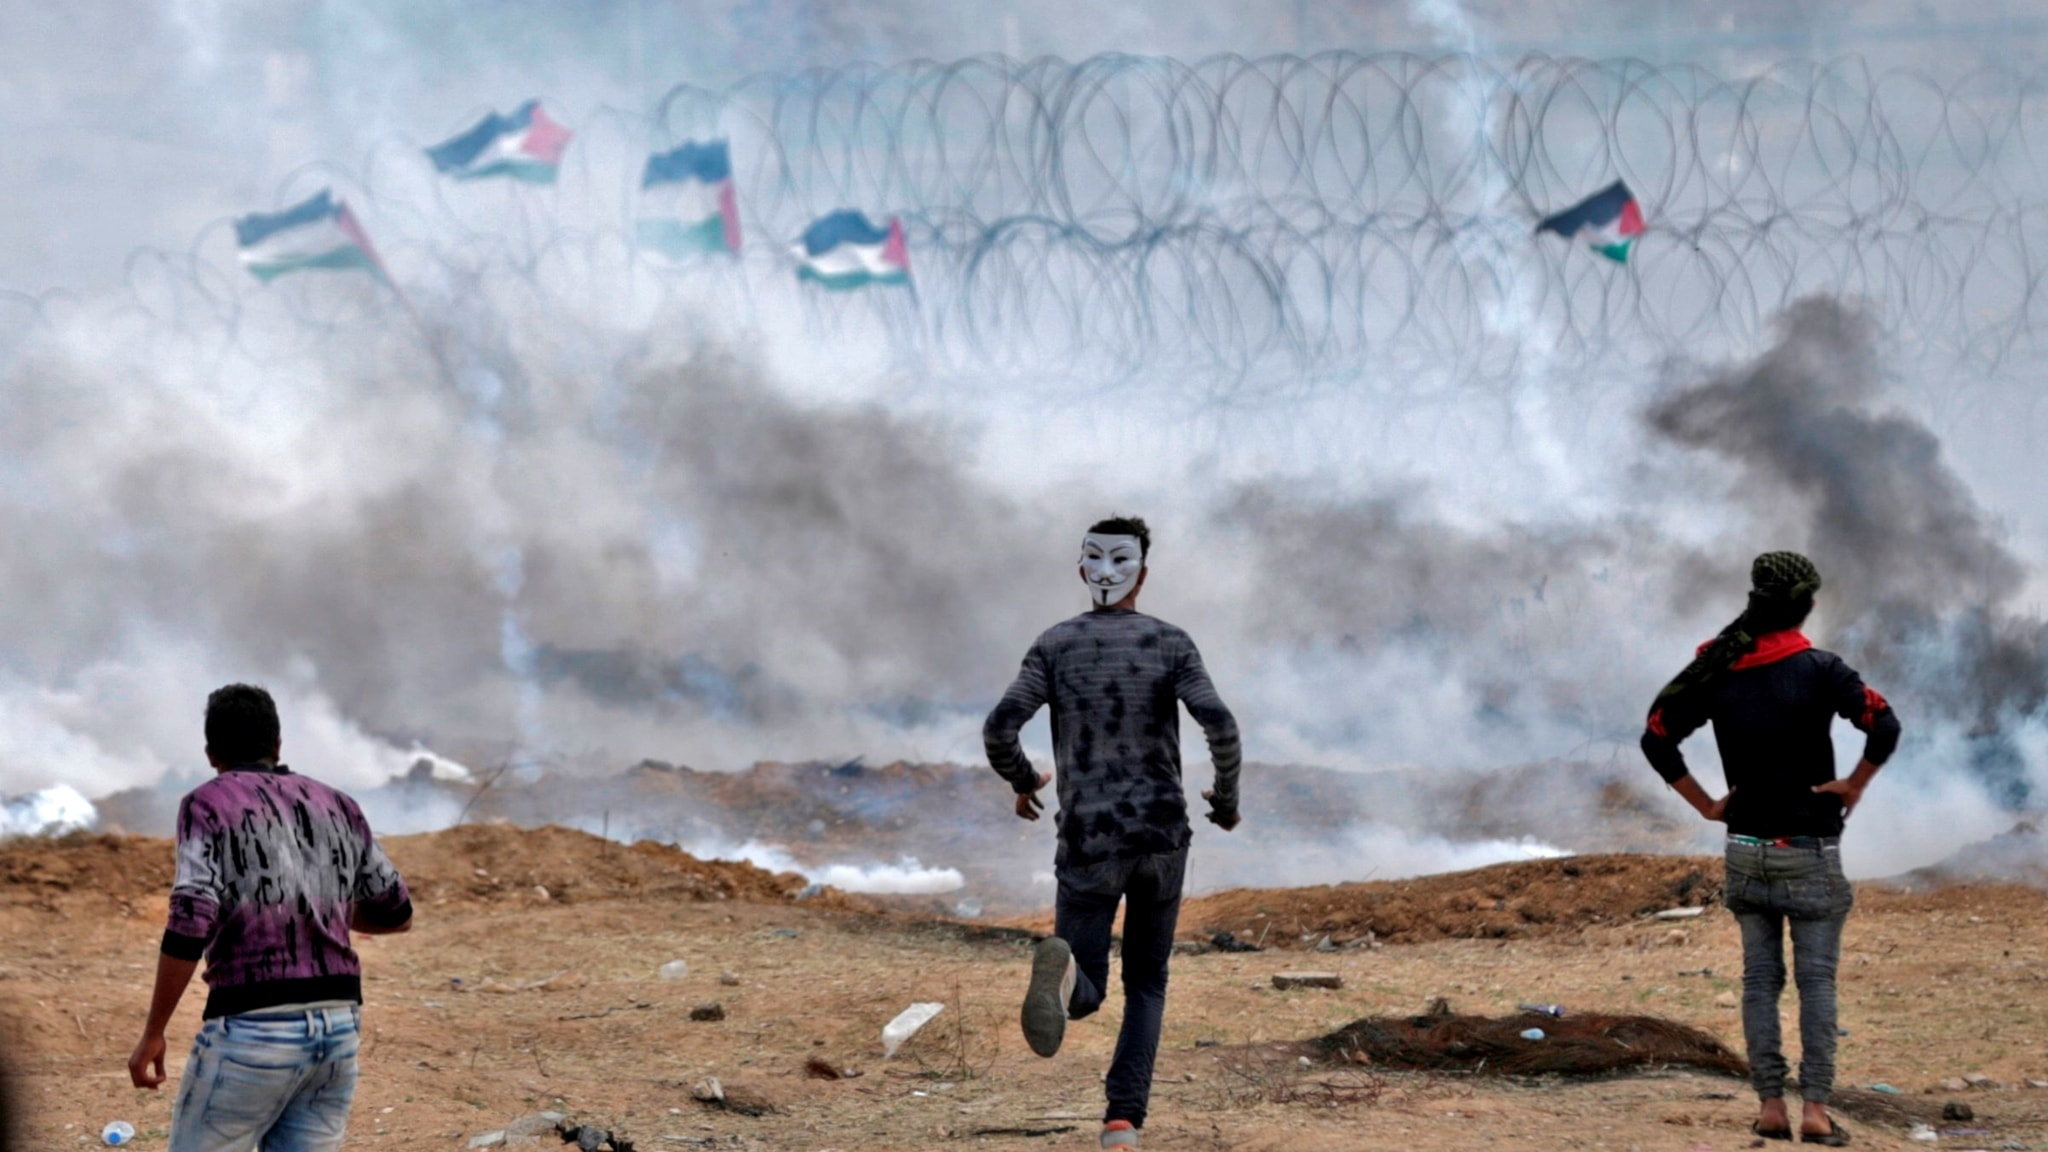 Från historiskt möte i Korea till skotten i Gaza